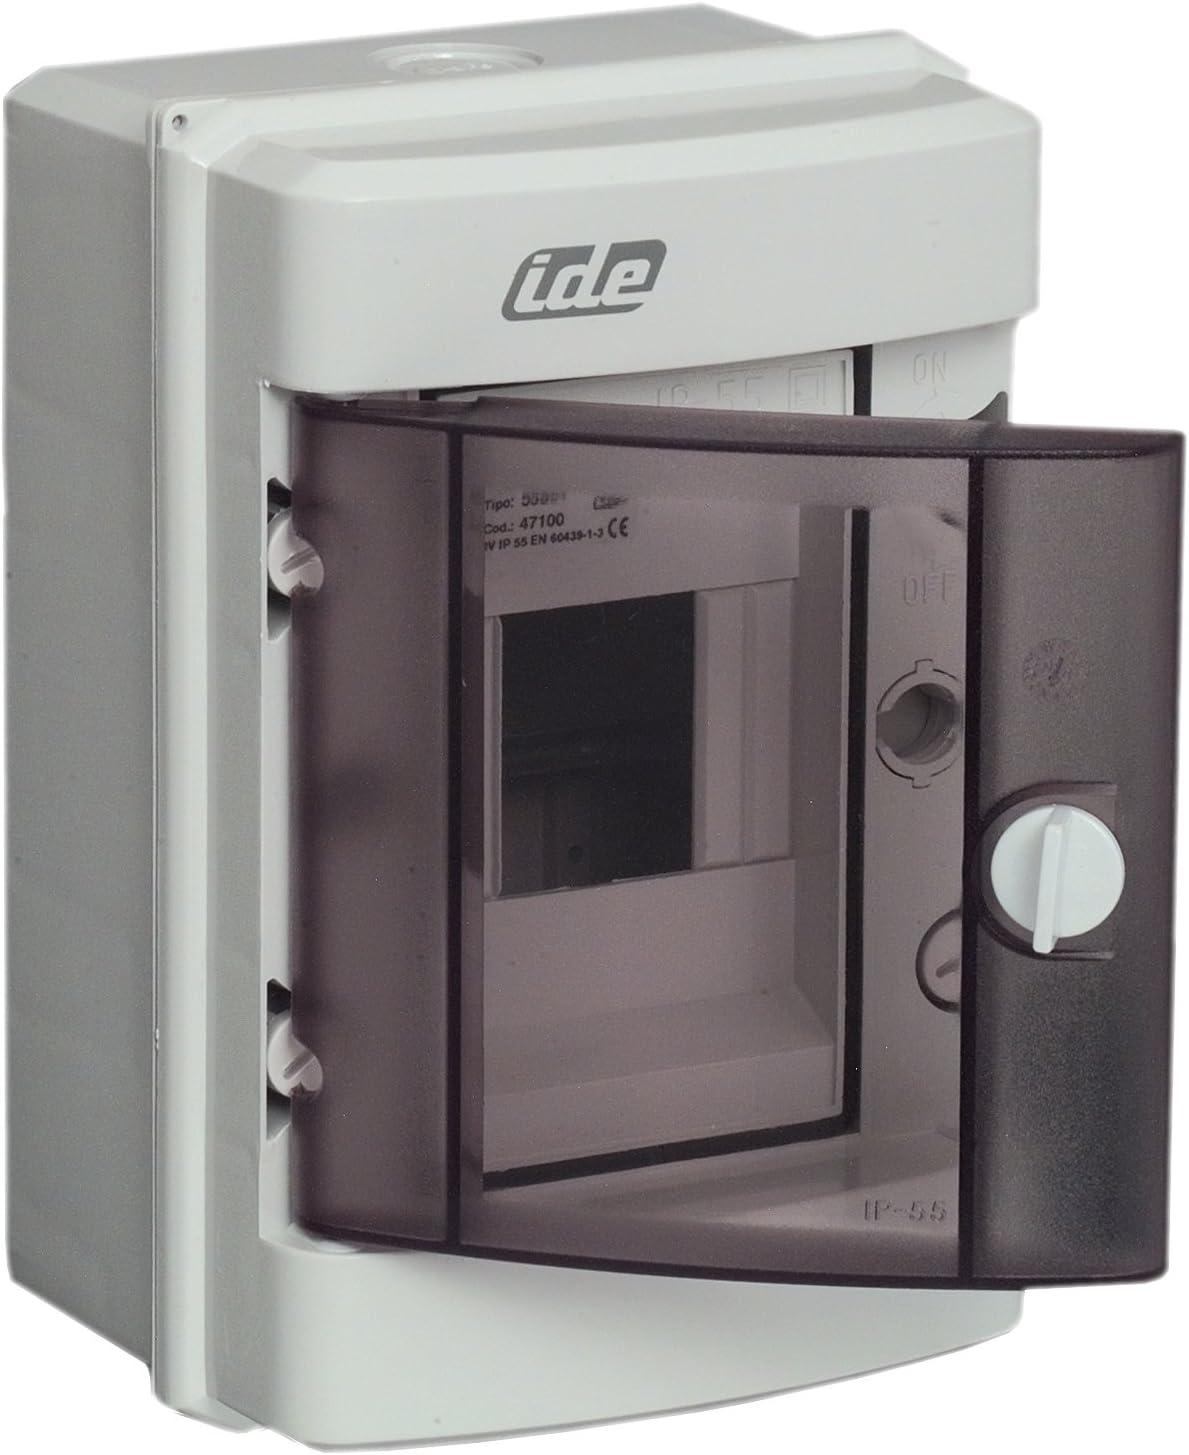 1 x 4 Module IP 55 grau UNITEC 47100 Kleinverteilung Aufputz